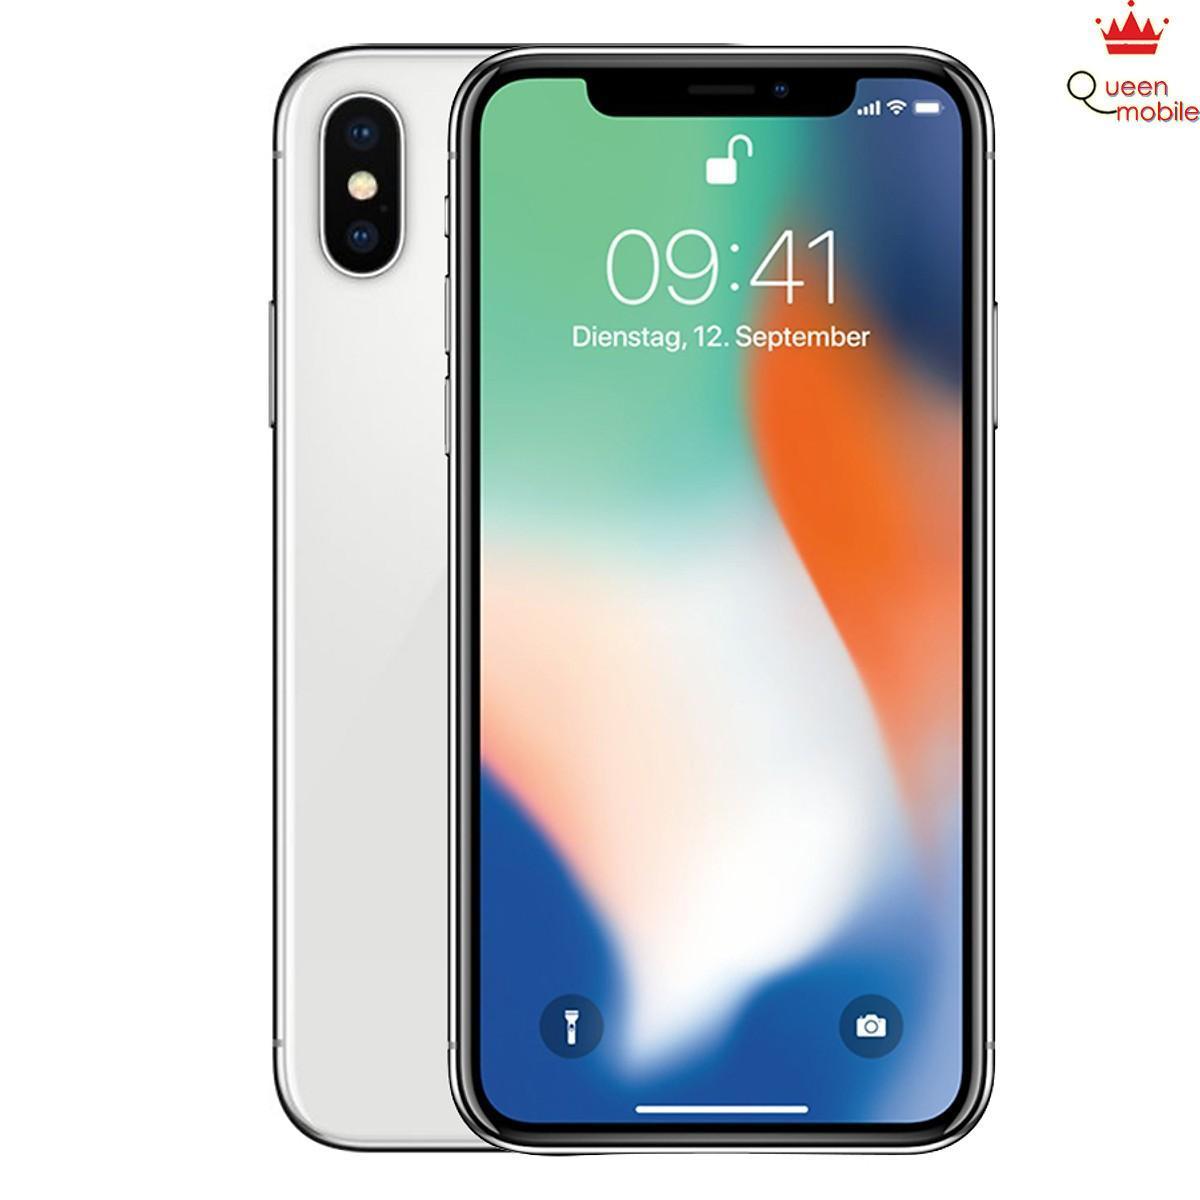 Điện Thoại Iphone X 64GB - Nhập Khẩu (Màu gray)